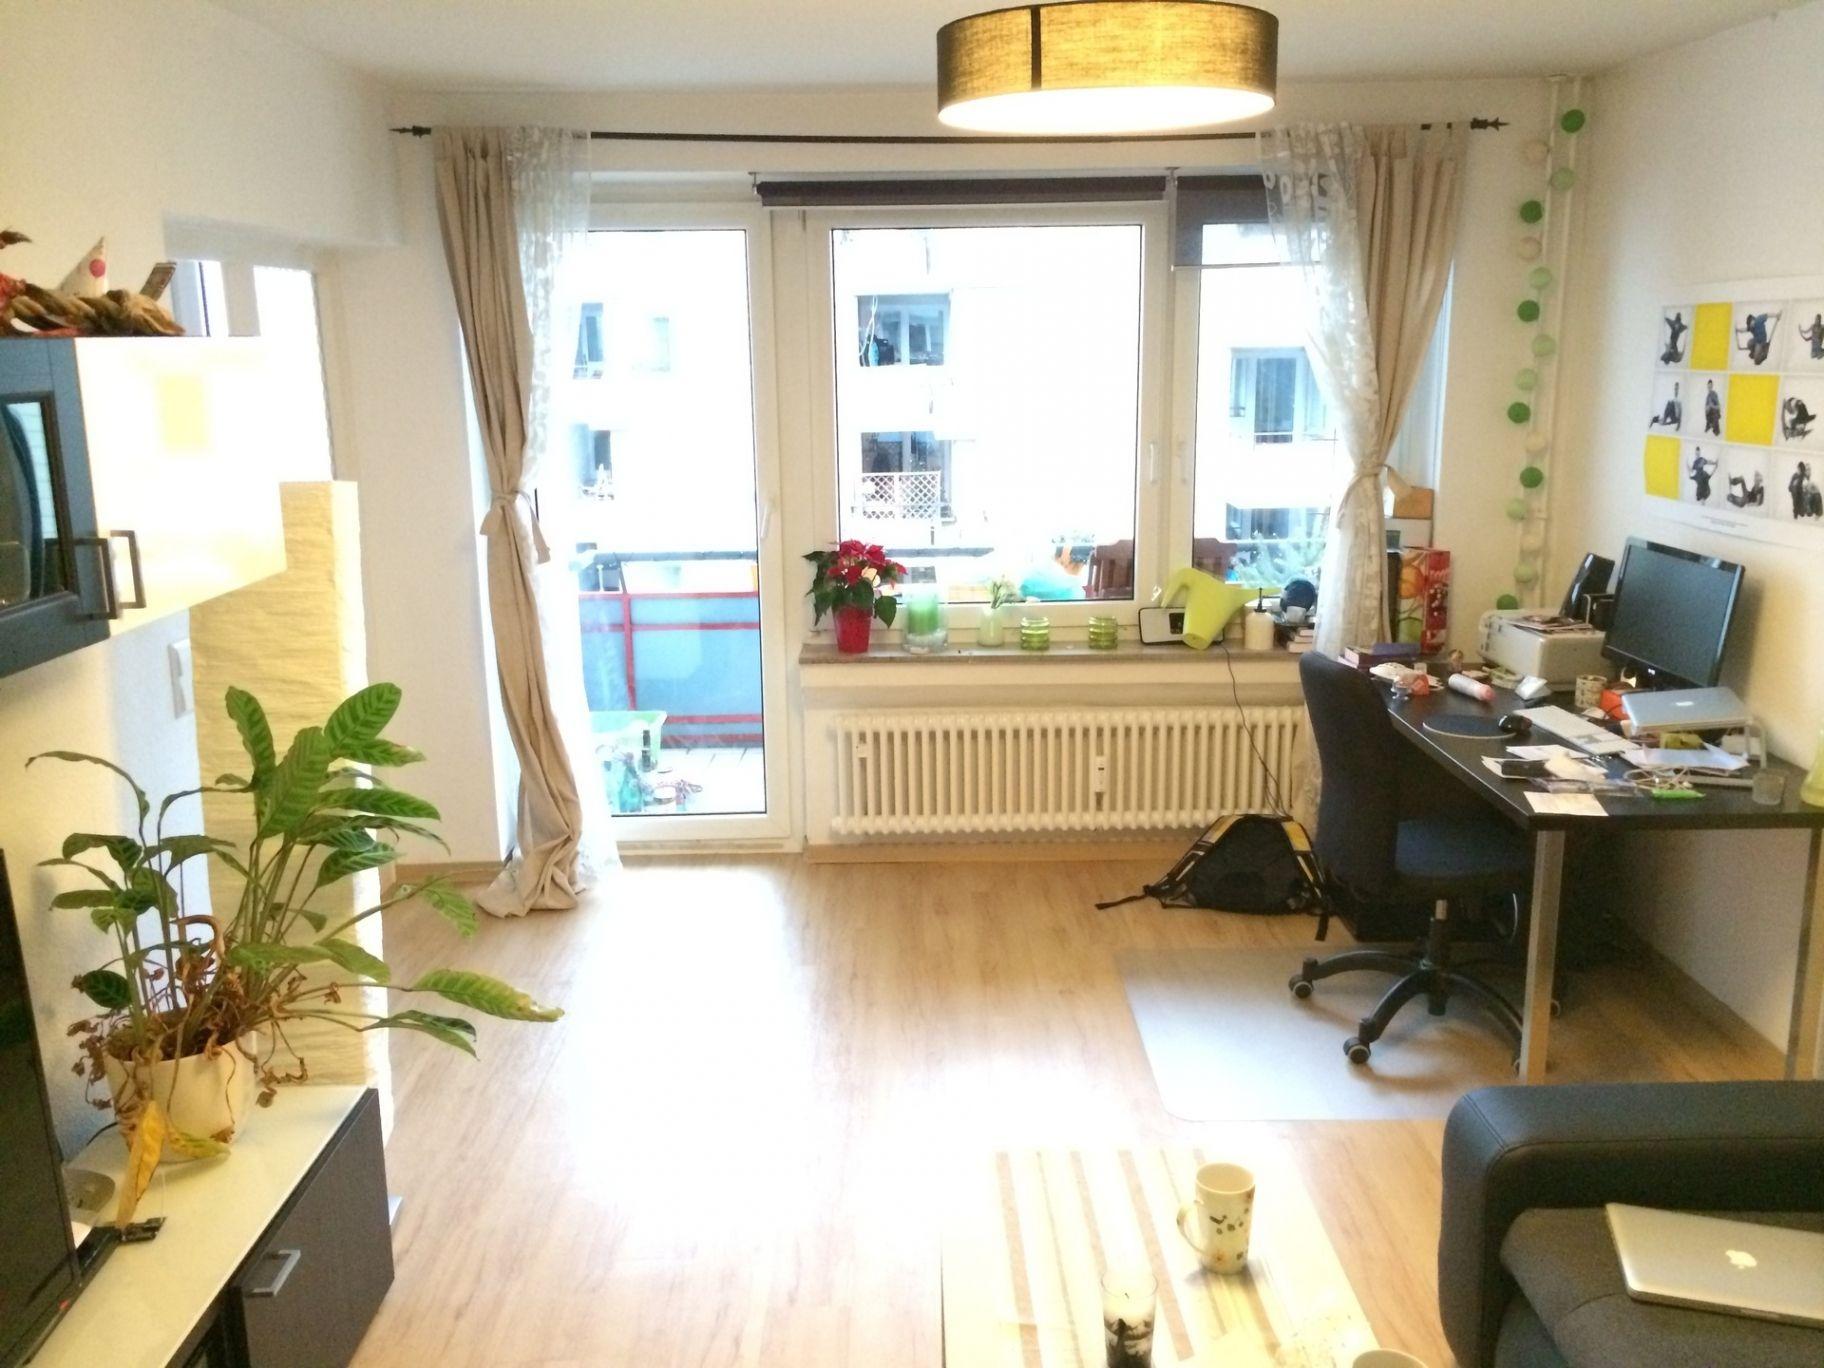 wundersch ne wohnzimmer 18qm wohnzimmer deko pinterest wohnzimmer wundersch n and sch ne. Black Bedroom Furniture Sets. Home Design Ideas